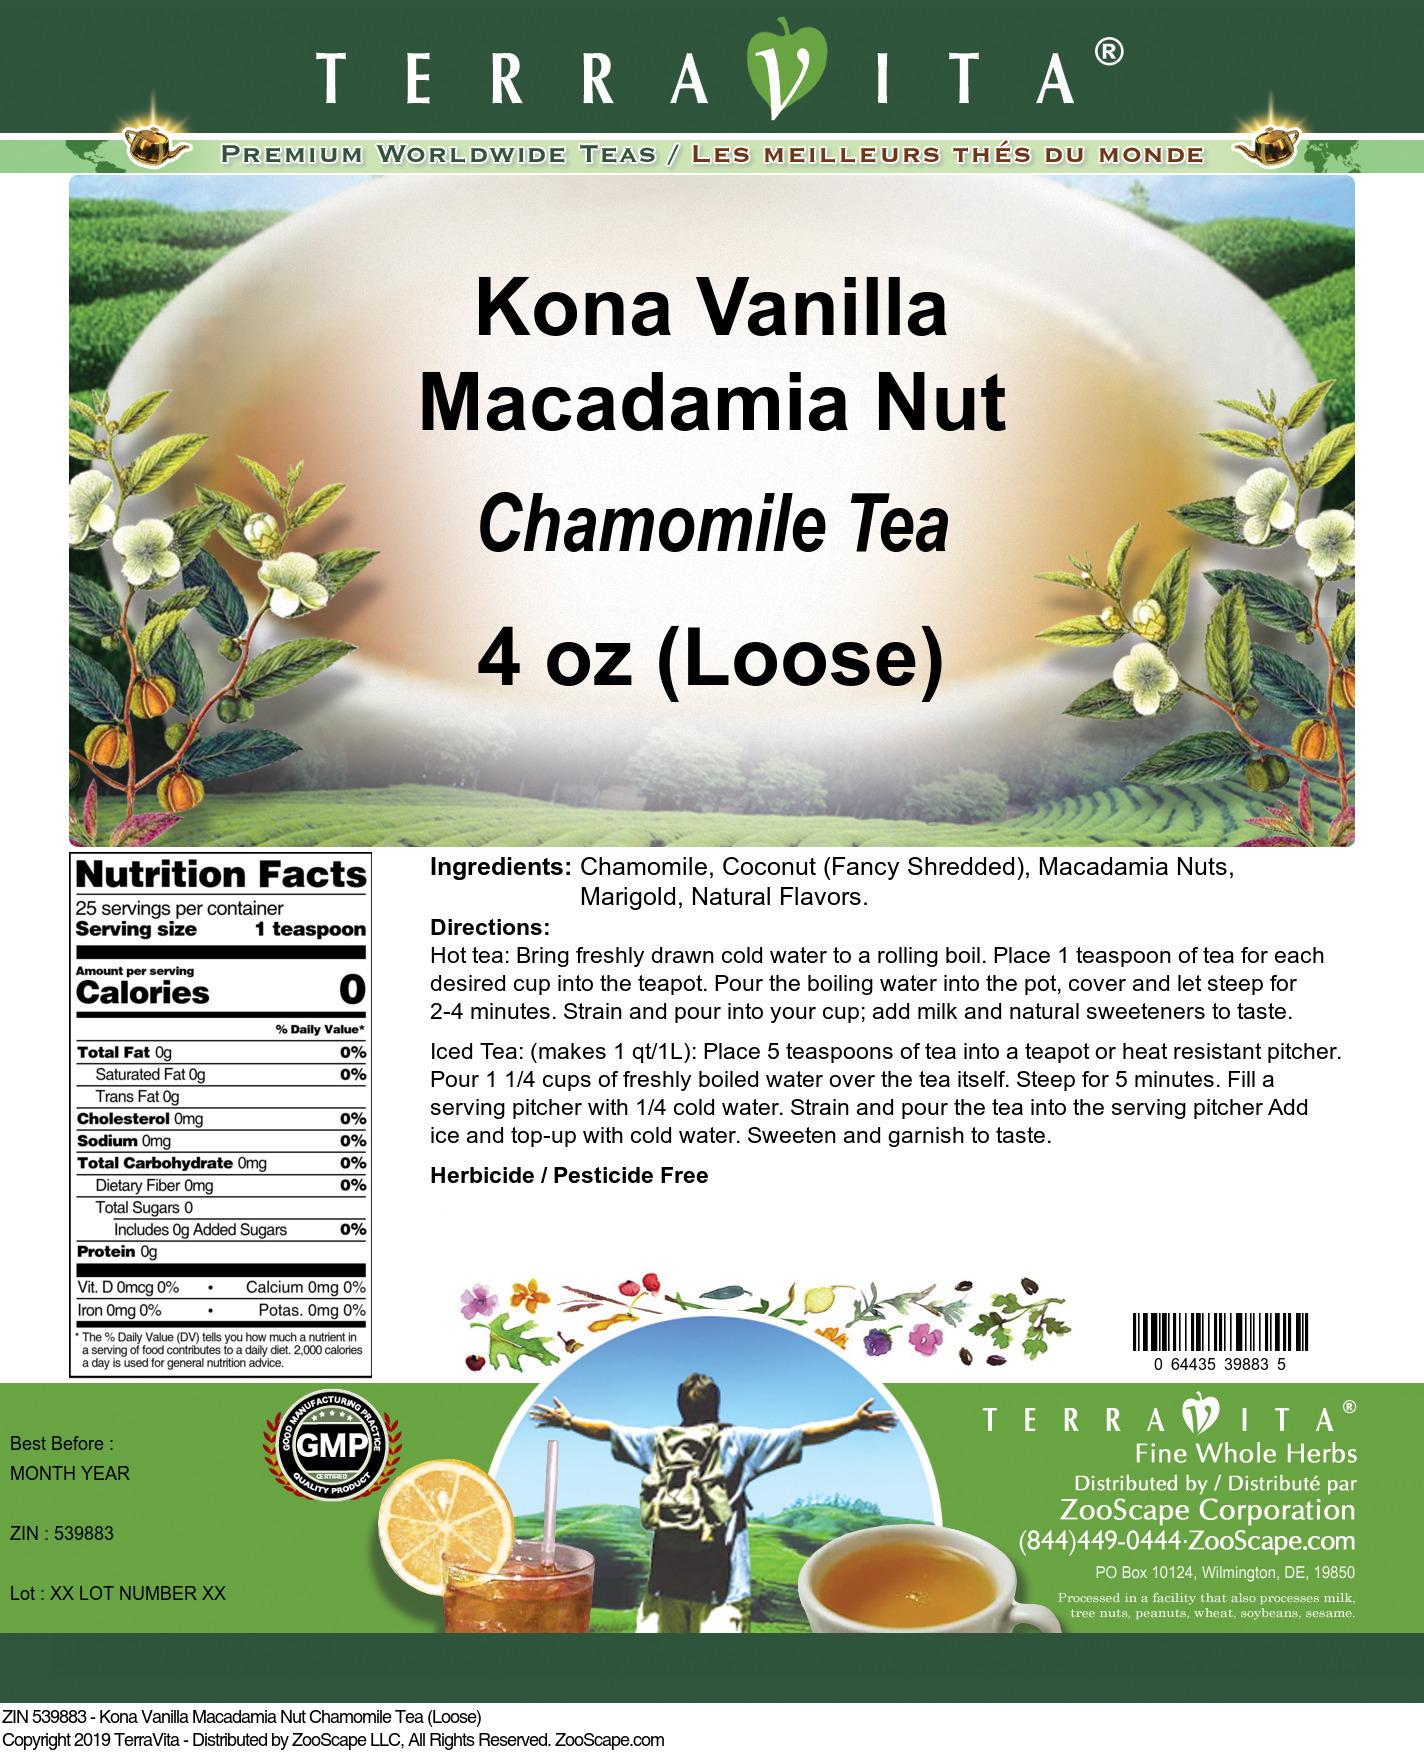 Kona Vanilla Macadamia Nut Chamomile Tea